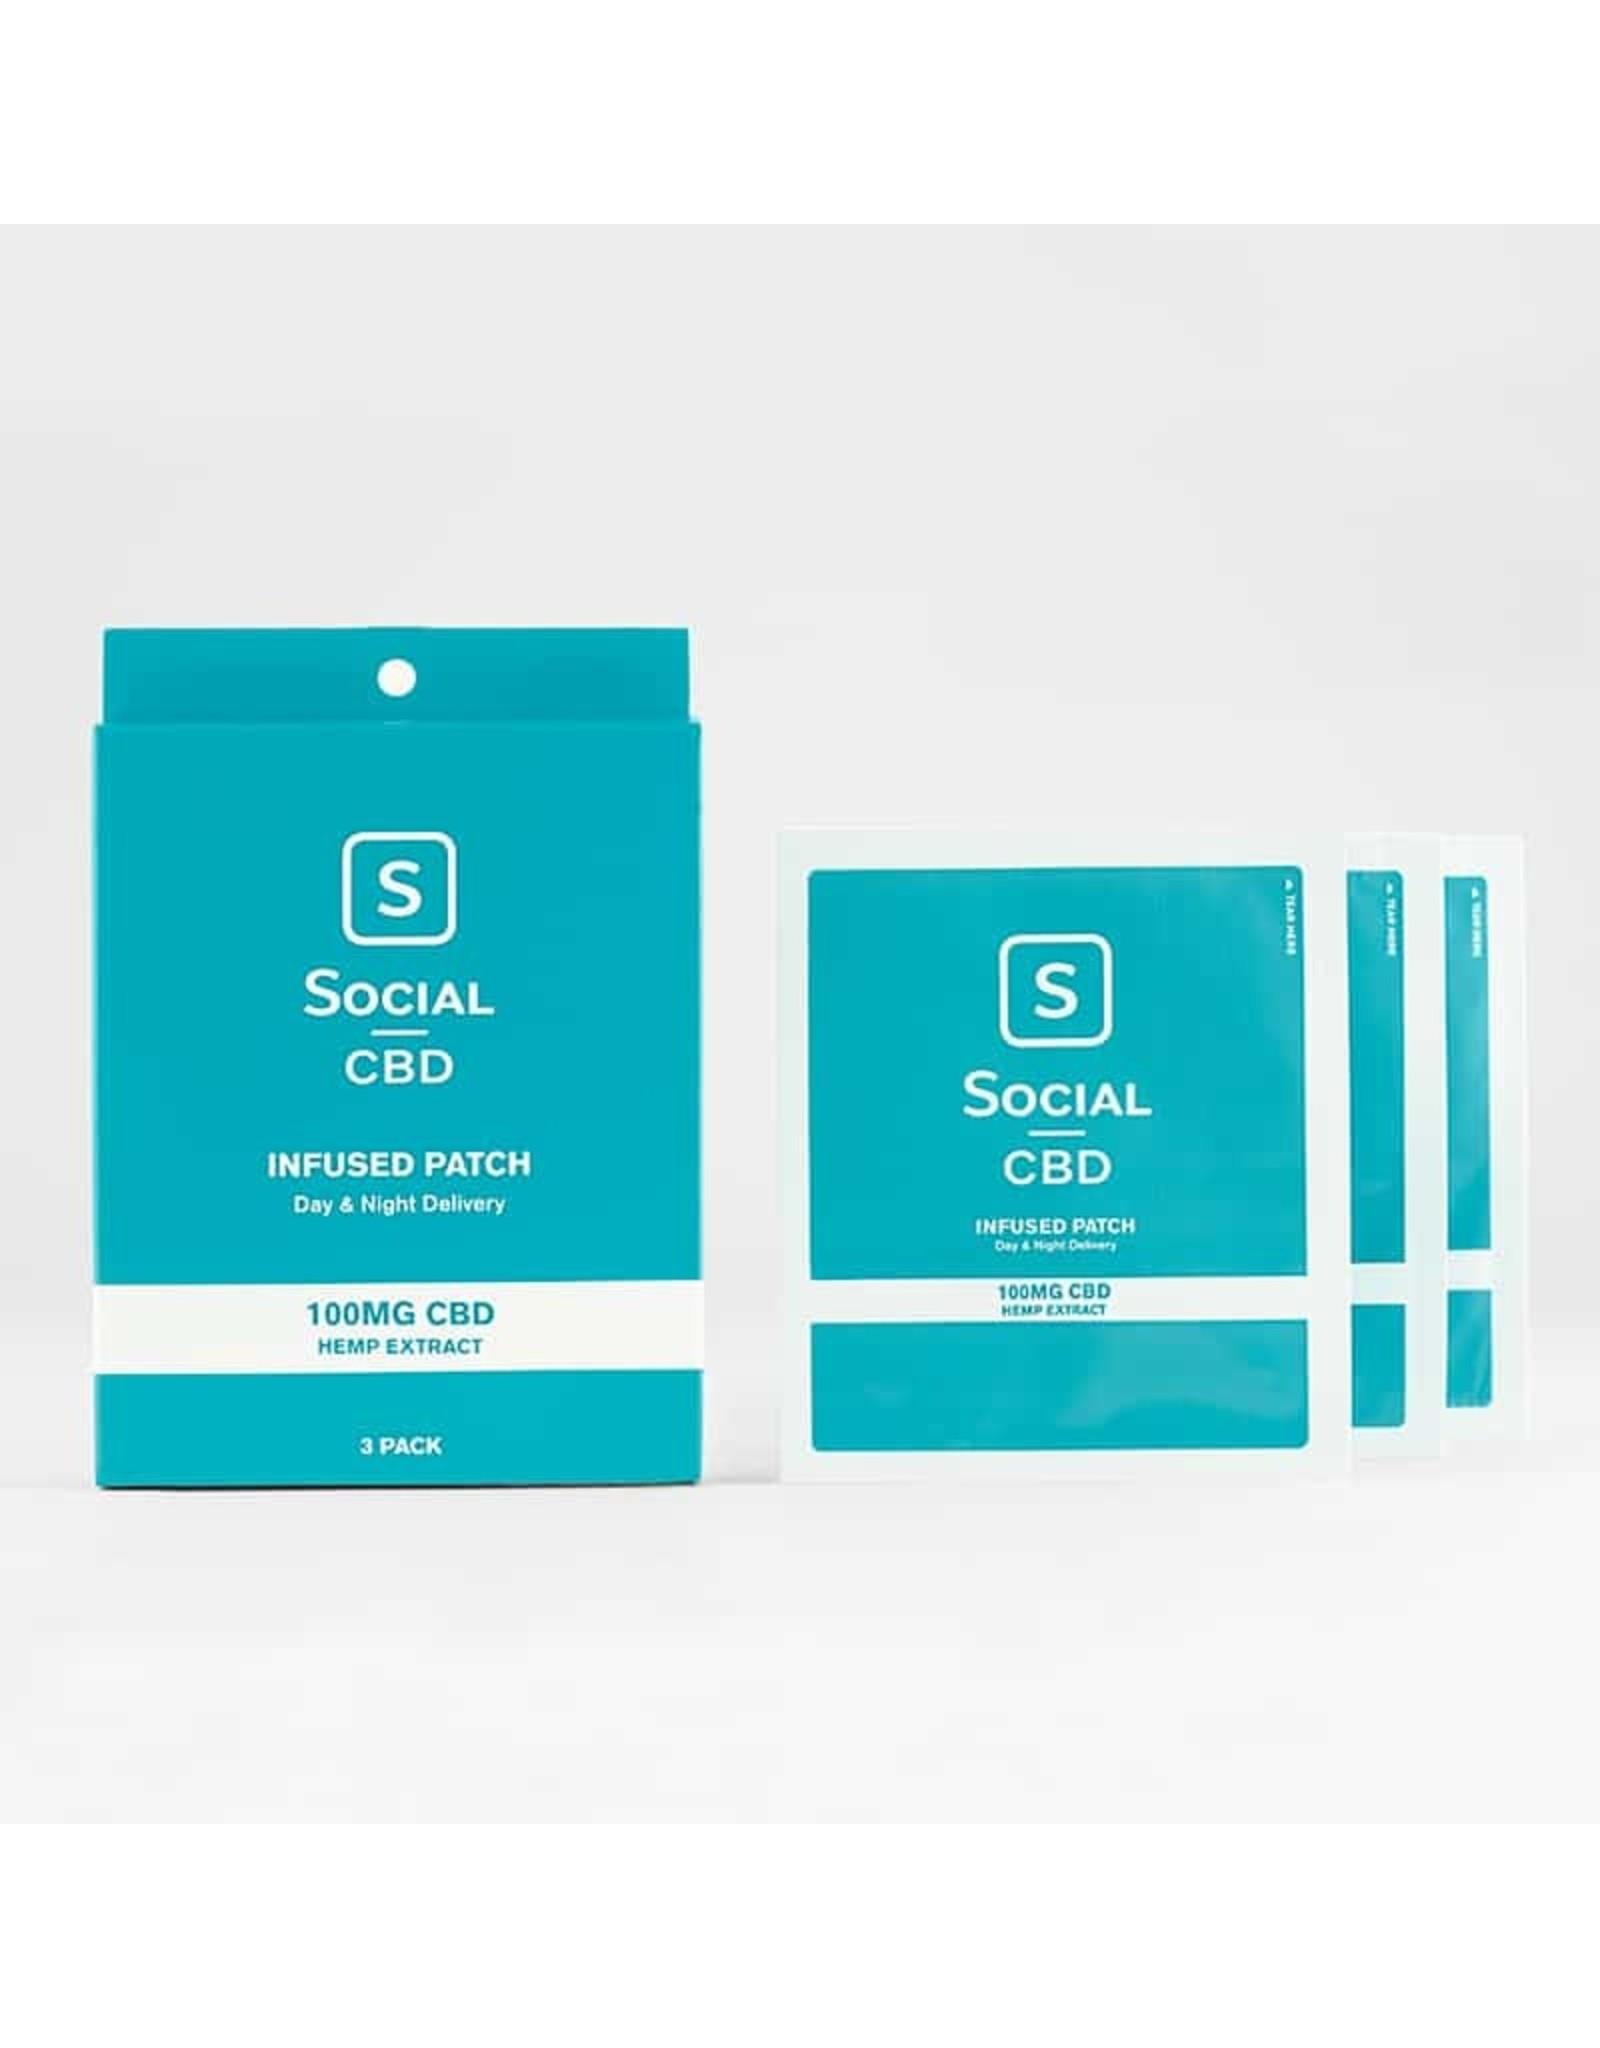 social cbd 100mg patch 3 pack